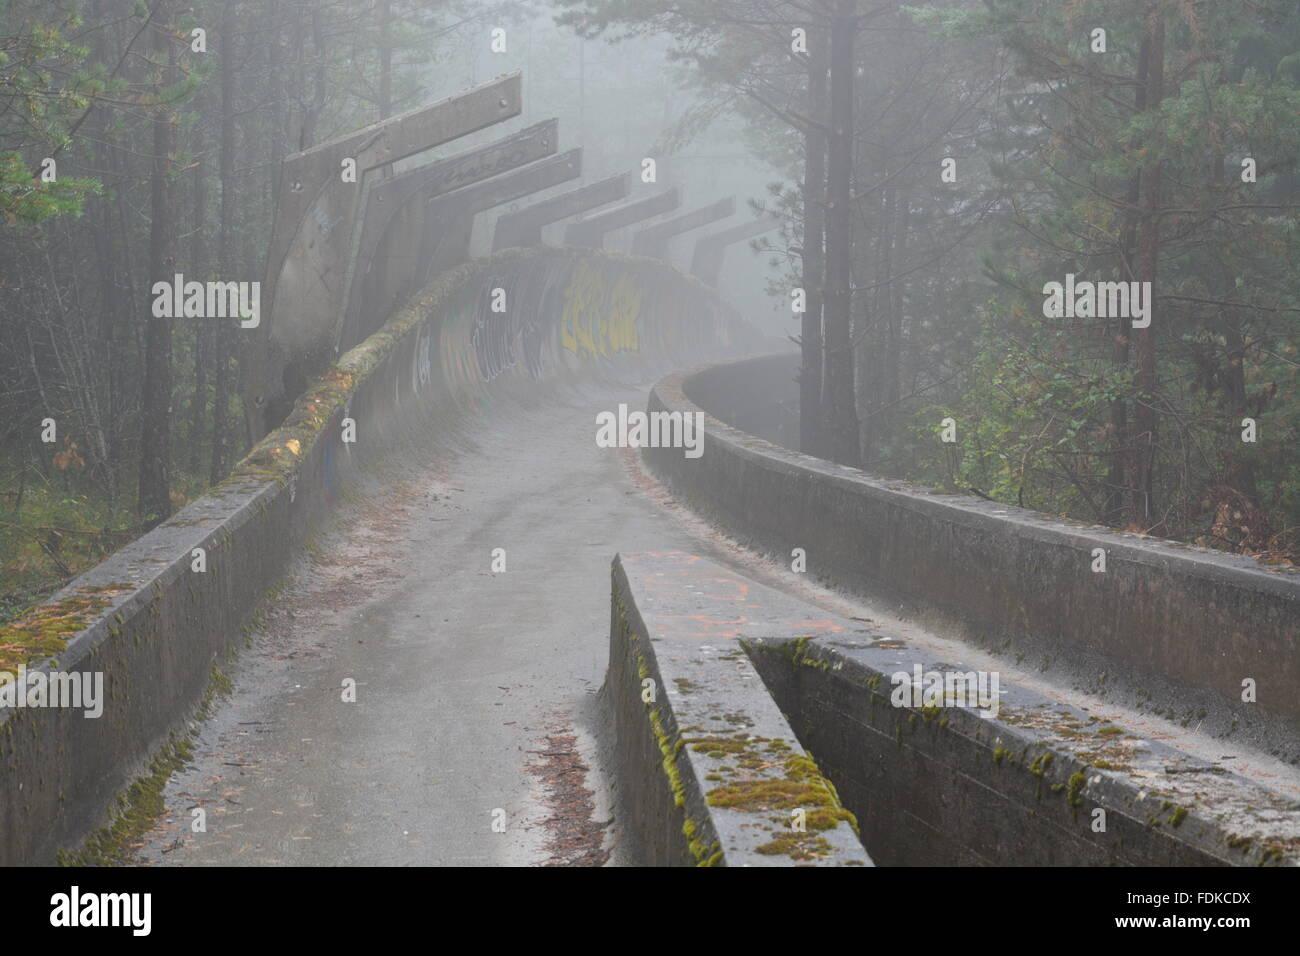 Den Krieg beschädigt Bobbahn der olympischen Winterspiele von 1984 befindet sich in den Bergen oberhalb von Stockbild